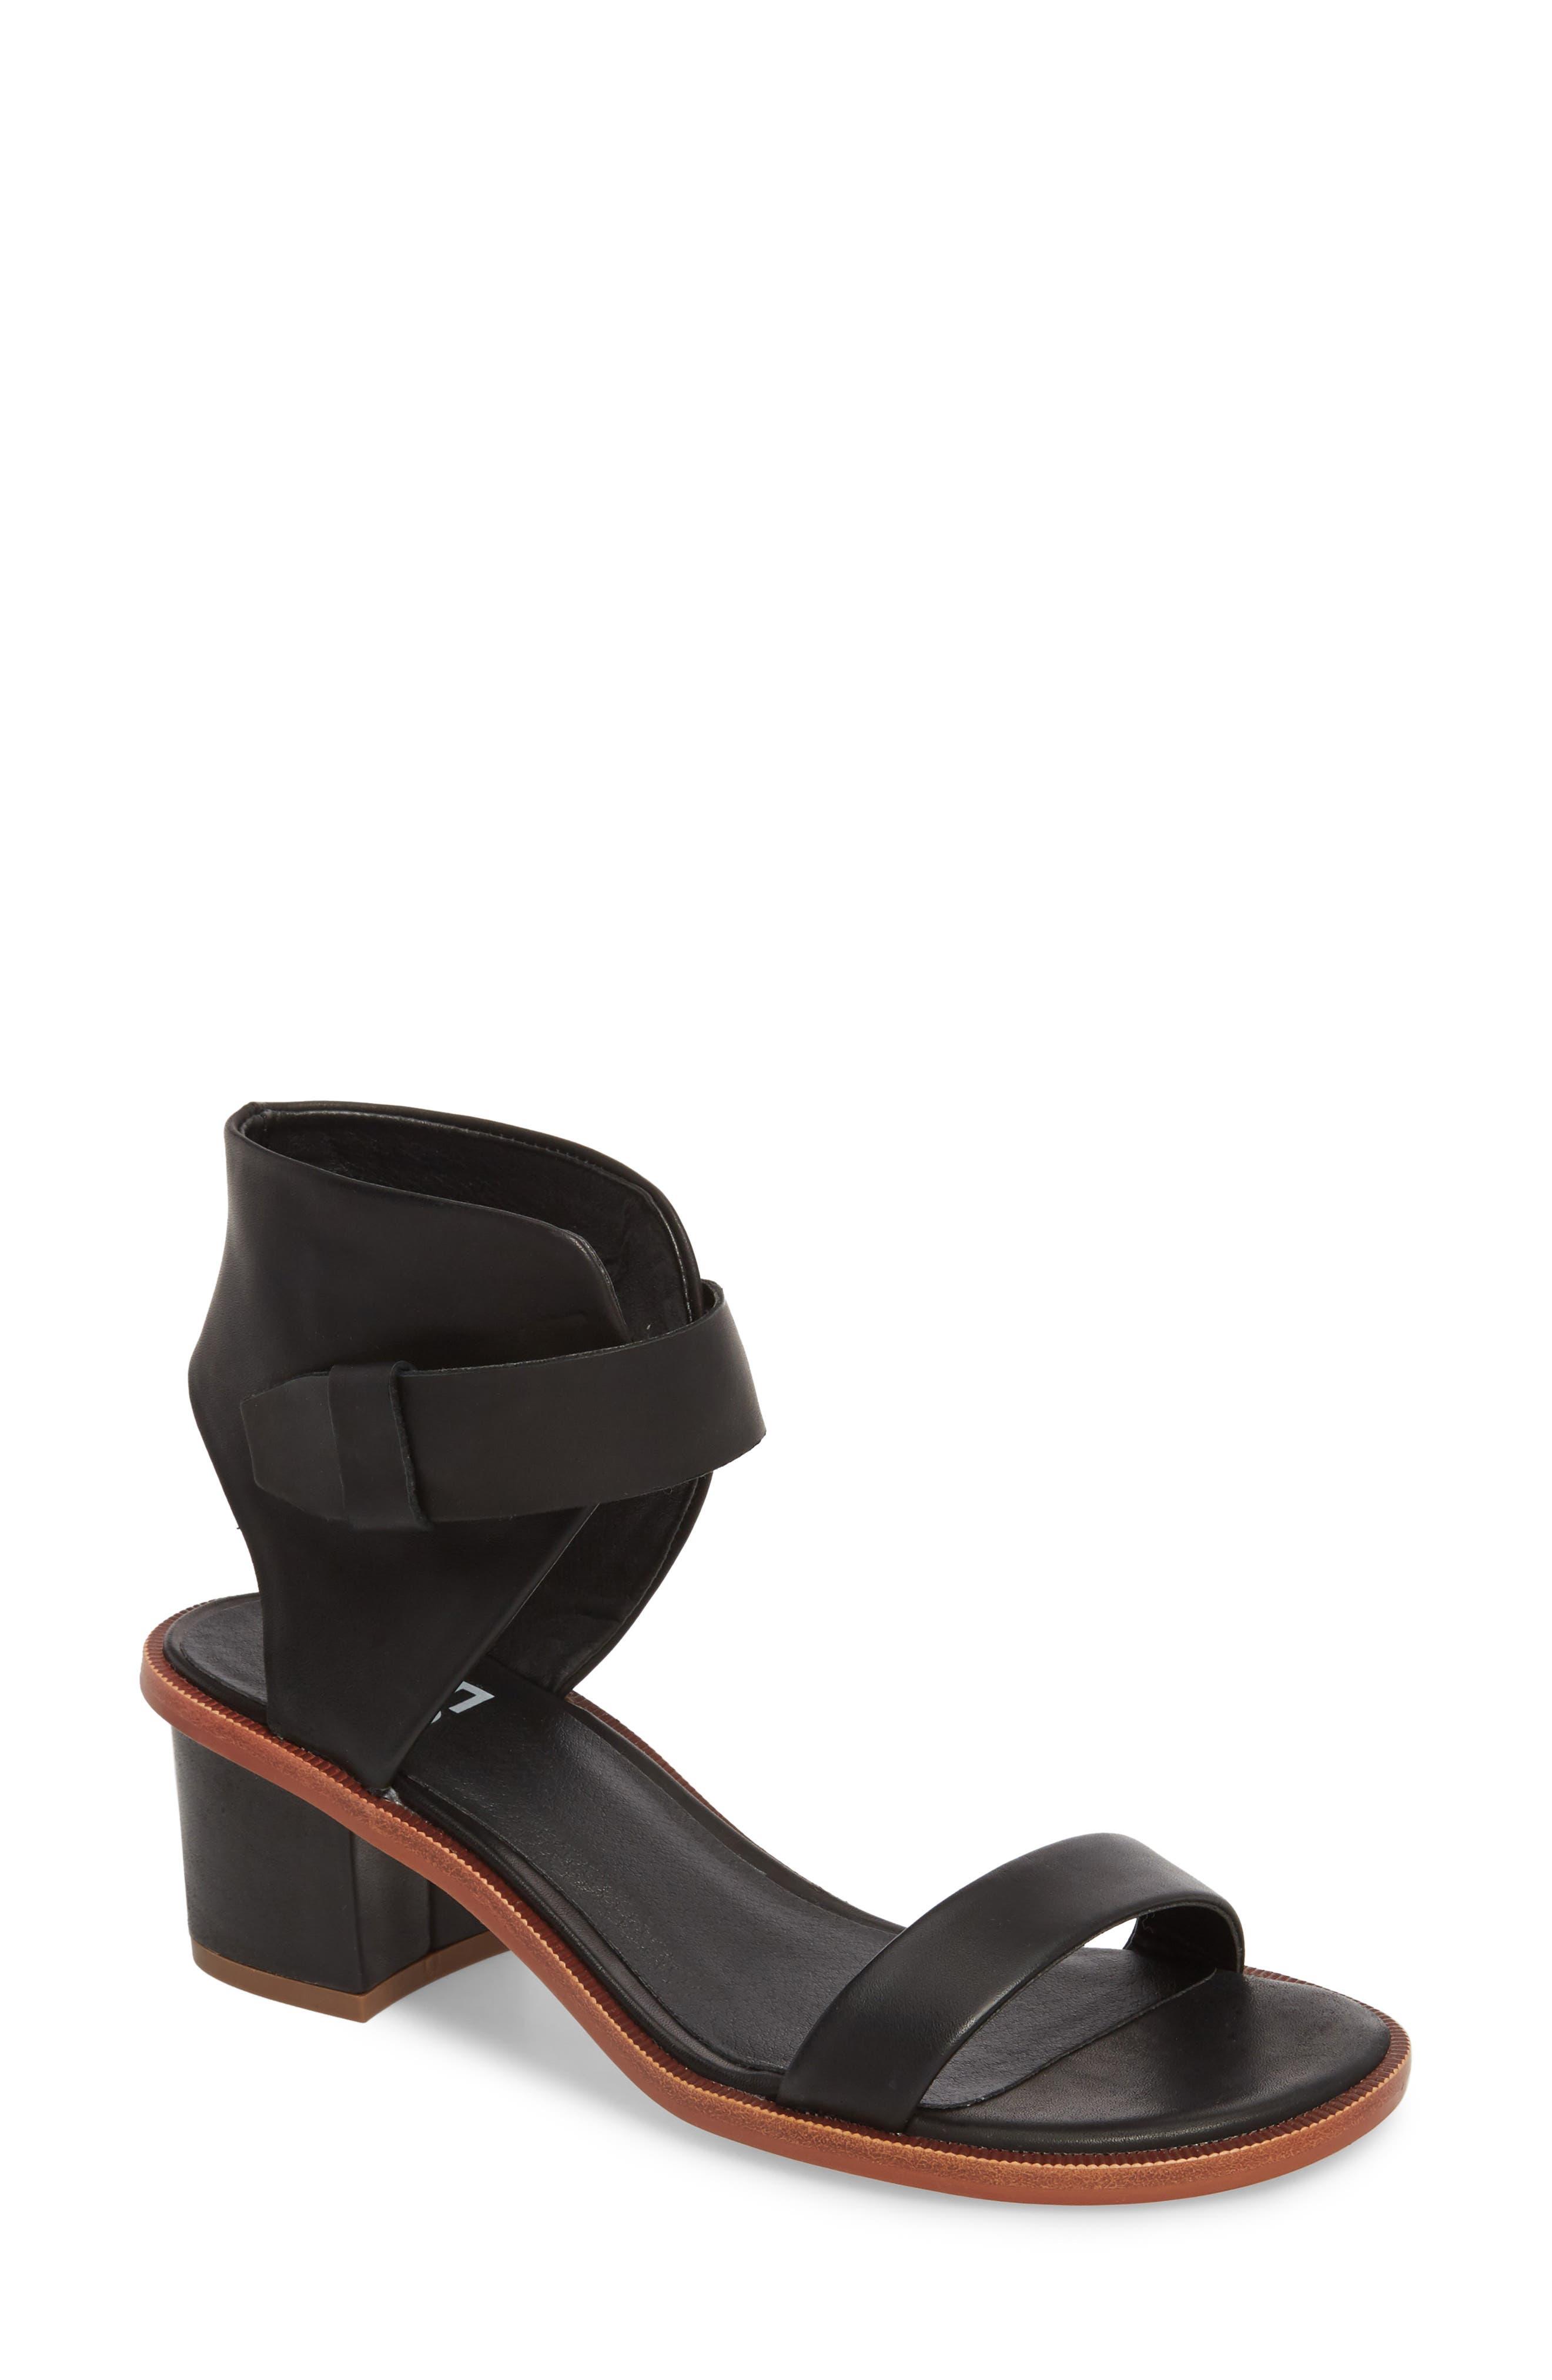 M4D3 Indio Block Heel Sandal (Women)